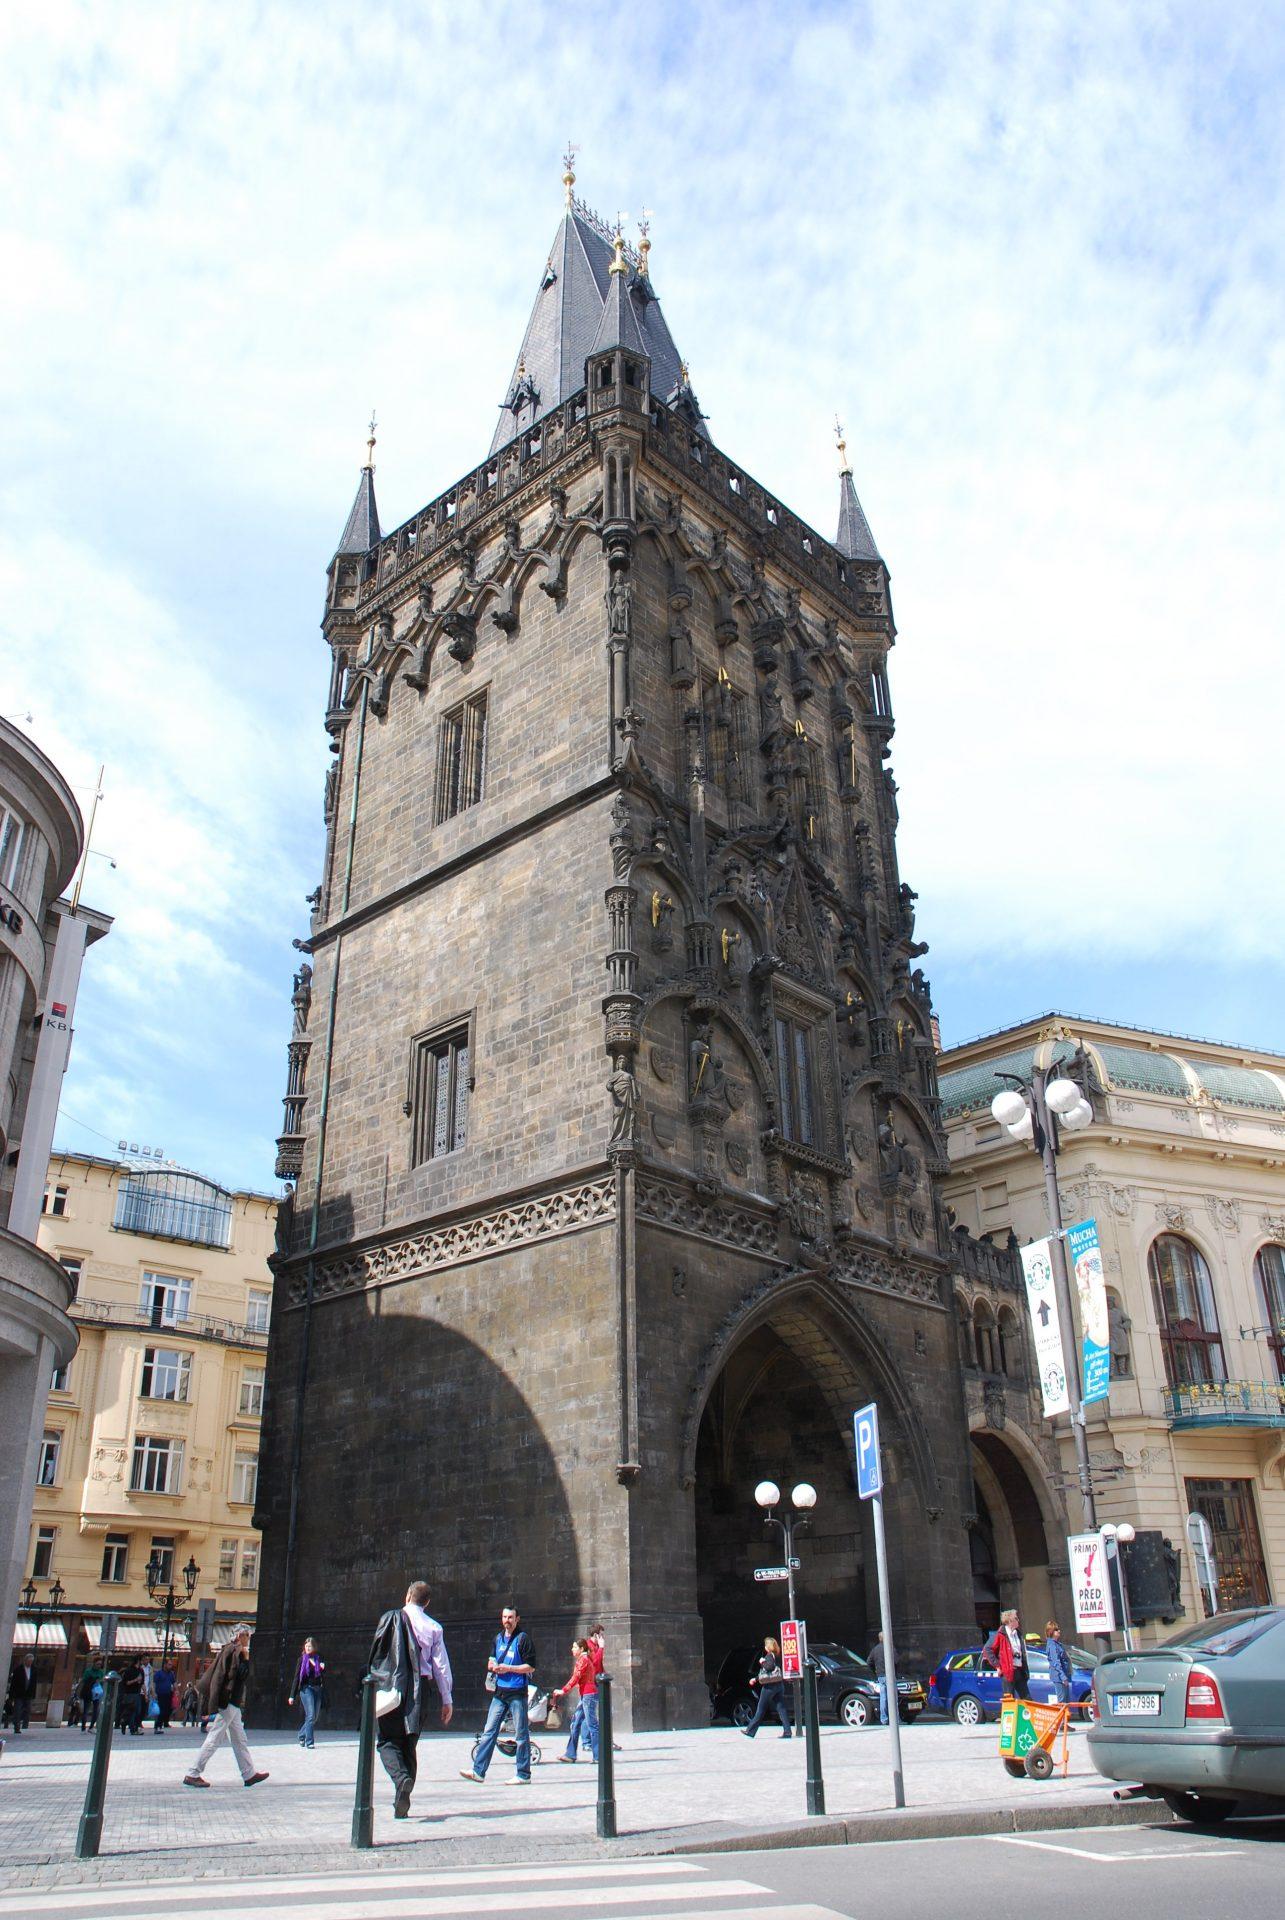 Пороховая башня, Прага, Чехия. Апрель, 2011.